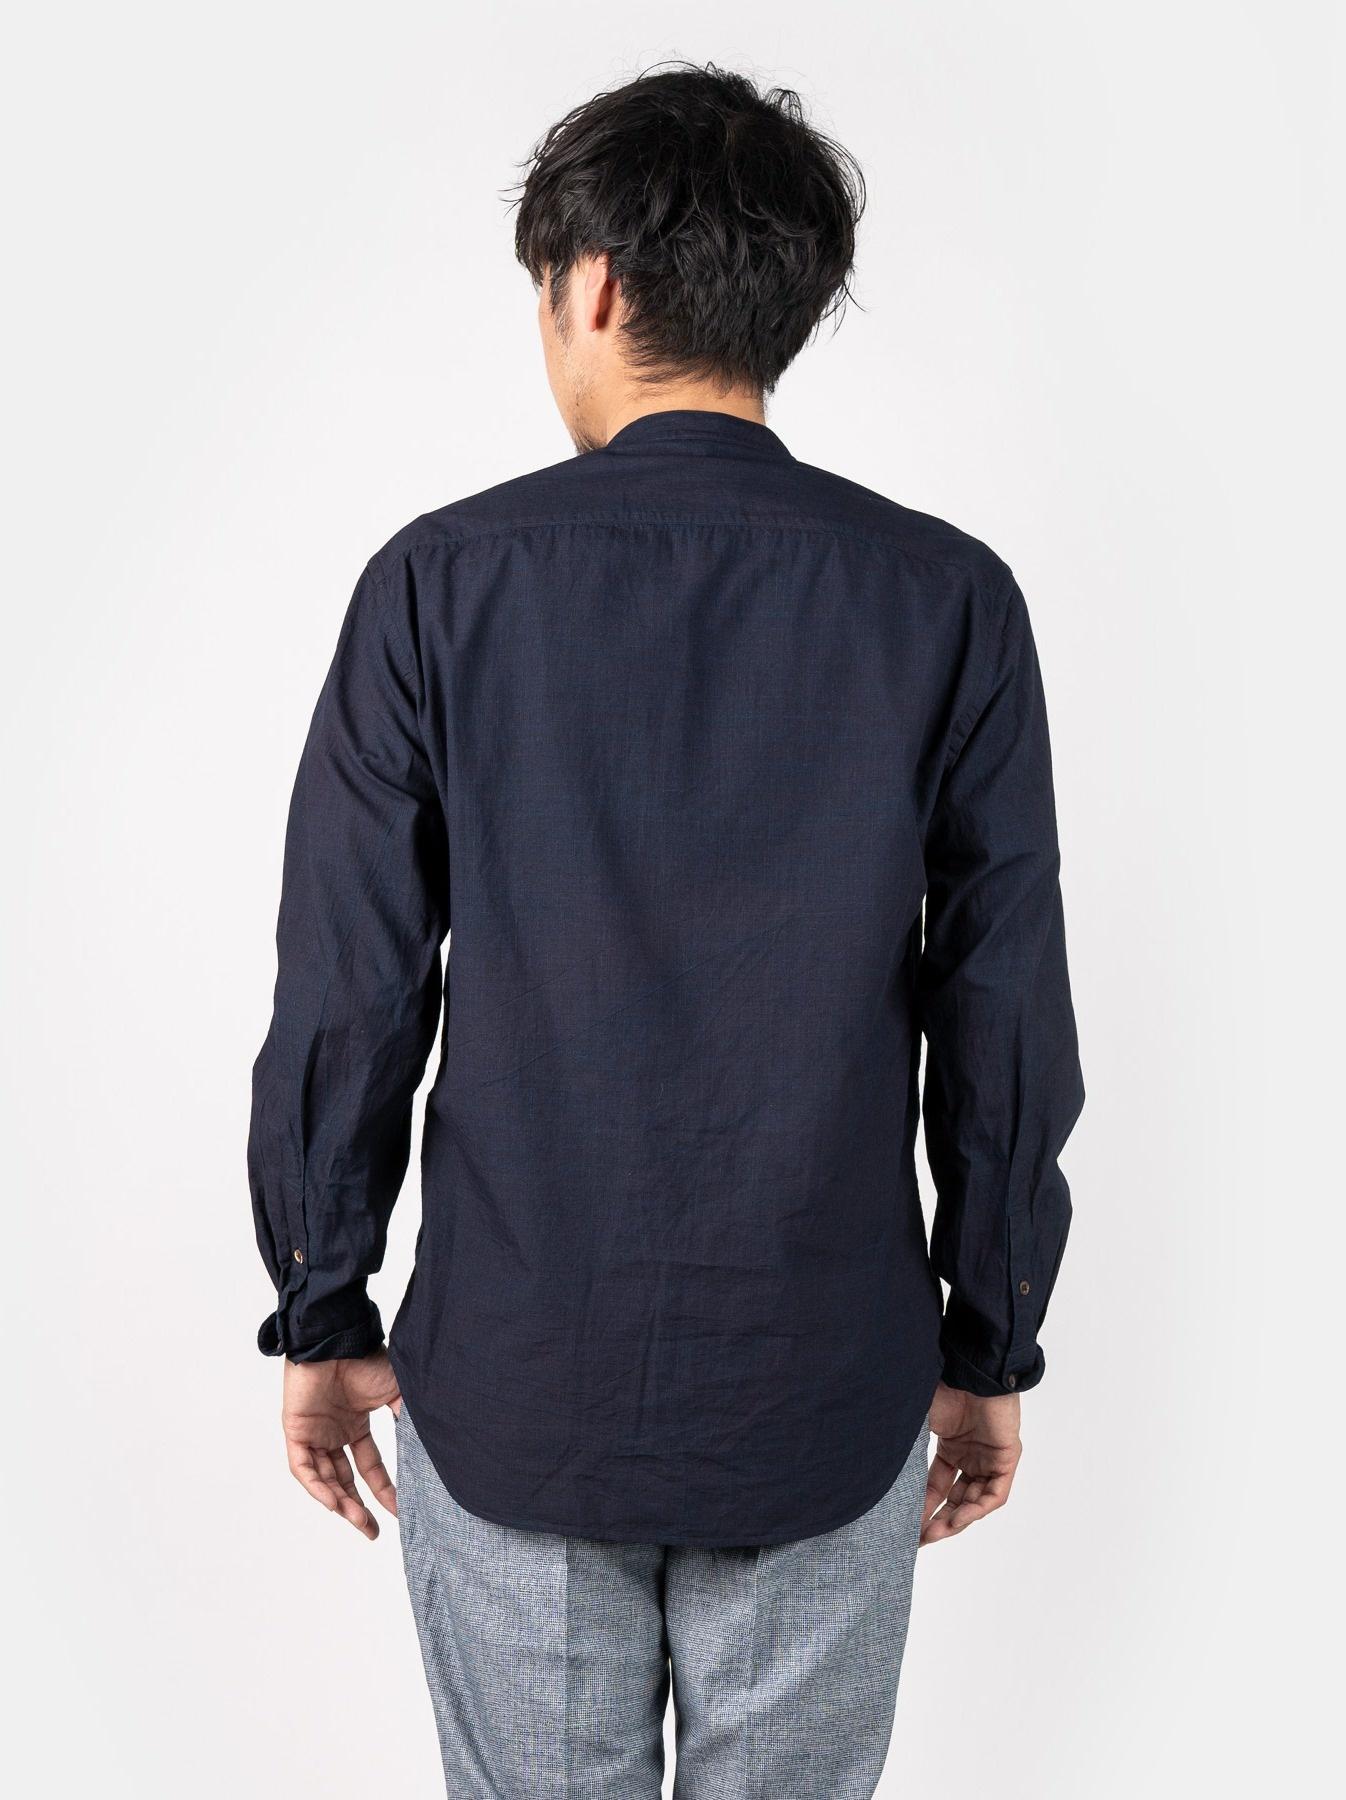 WH Indigo Sheet Cloth Sashiko Shirt-5